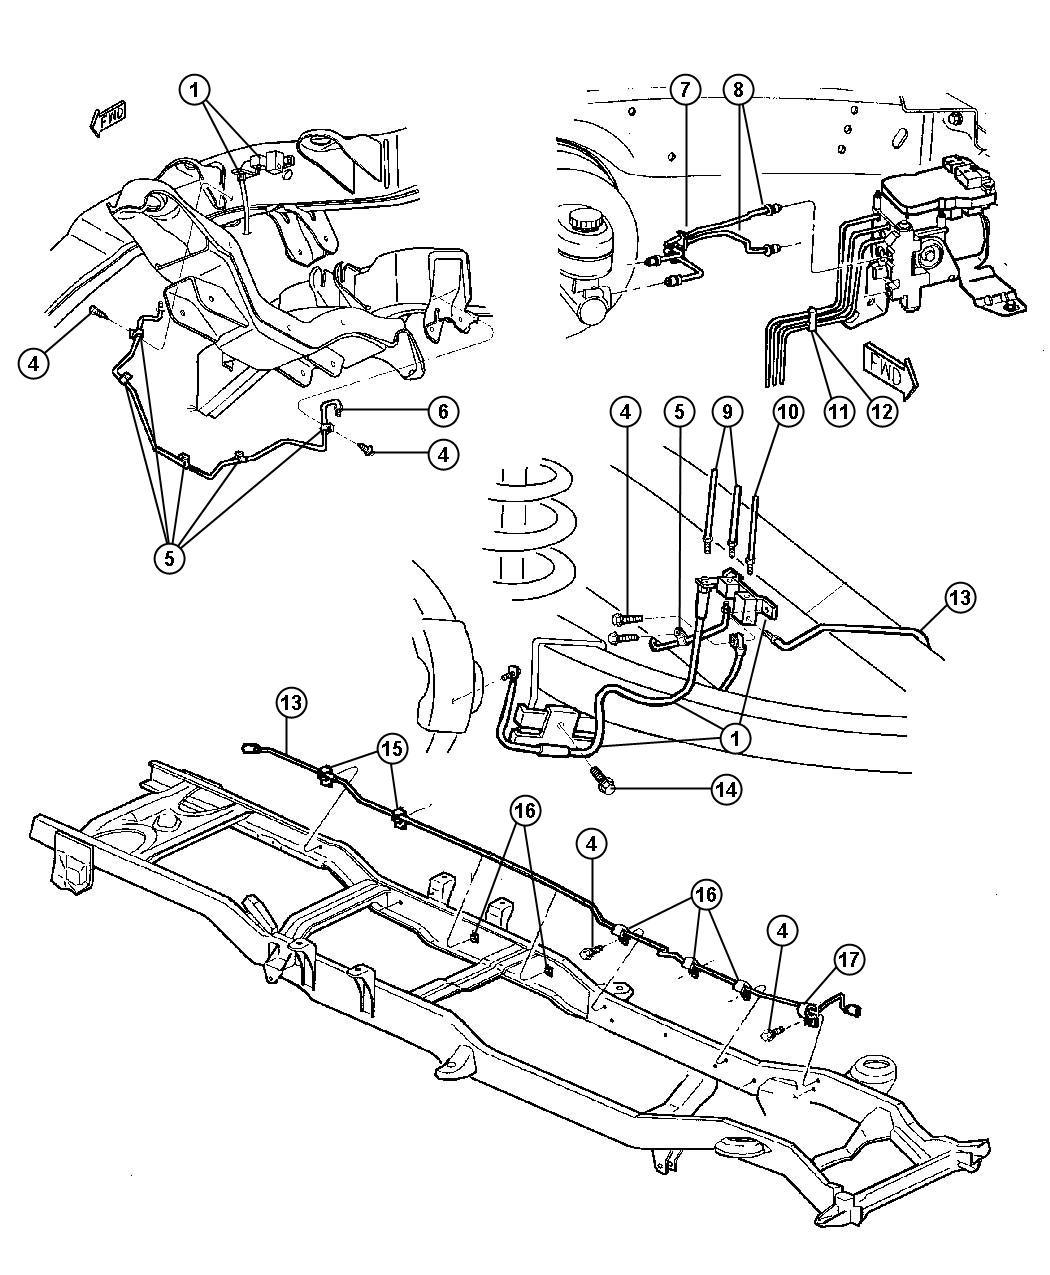 Chevy Silverado Fuel Line Diagram